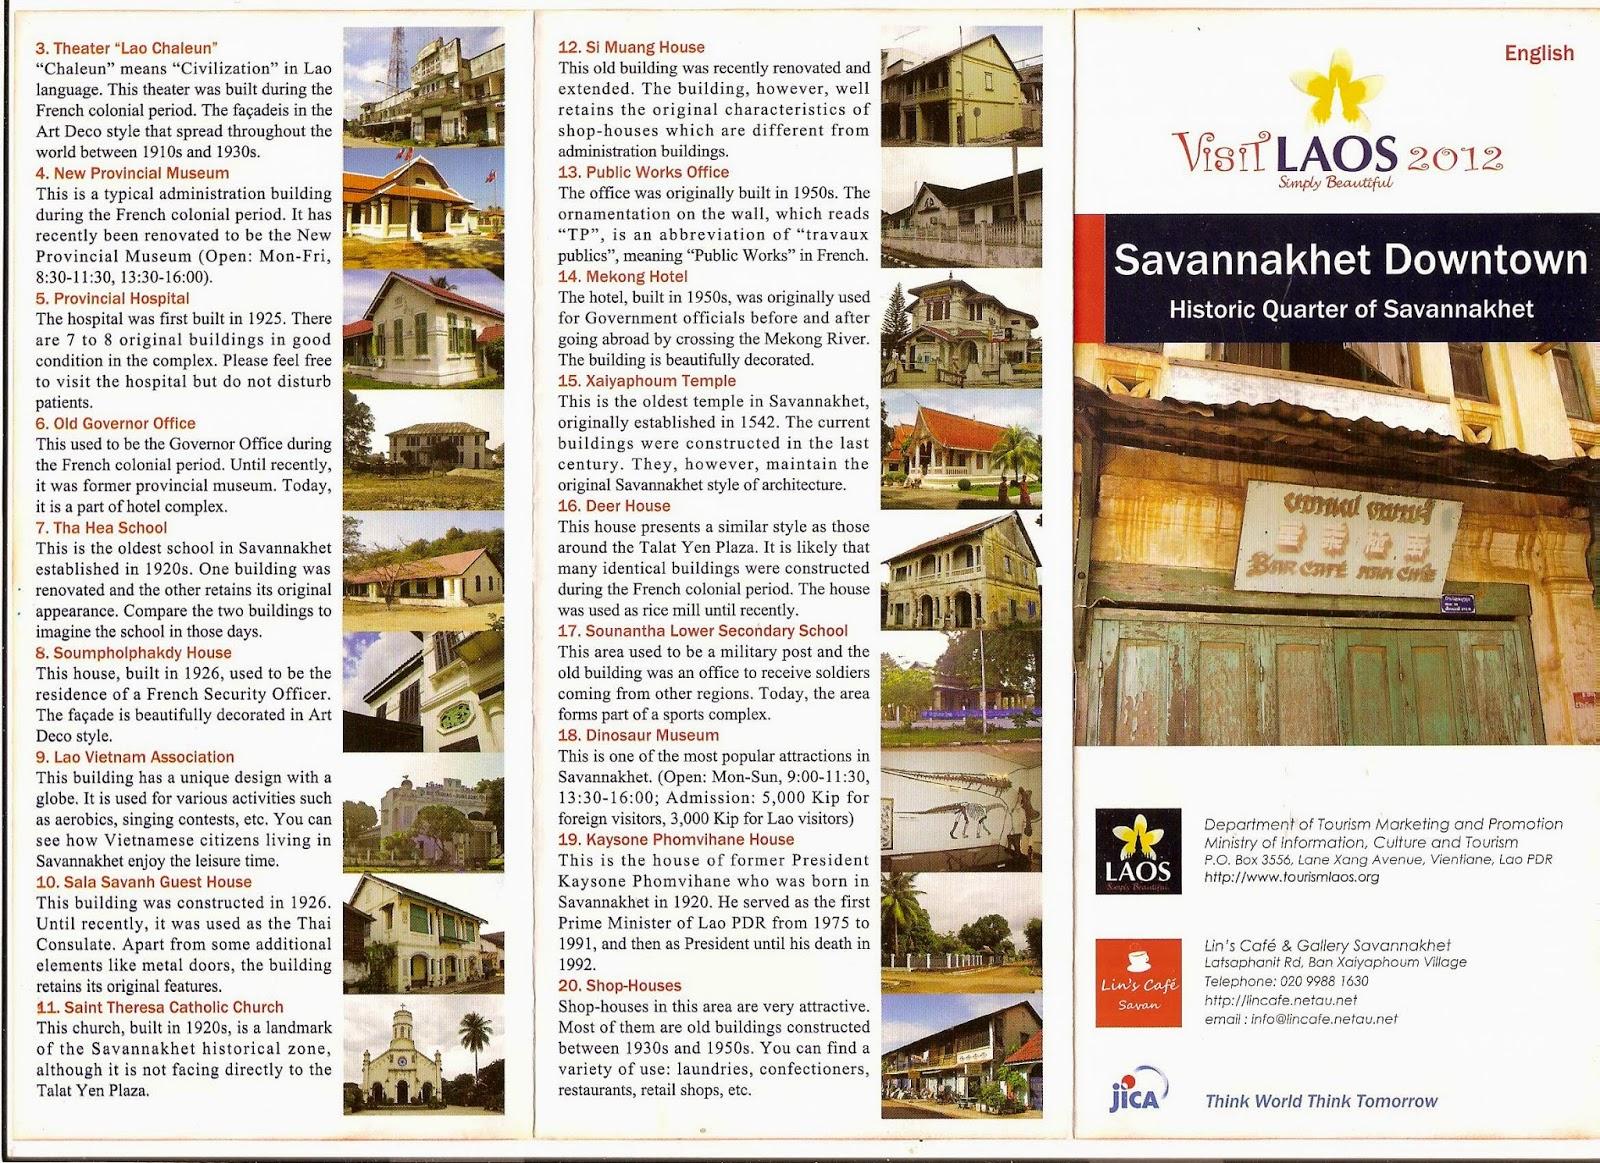 Tourist Map of Savannakhet Laos